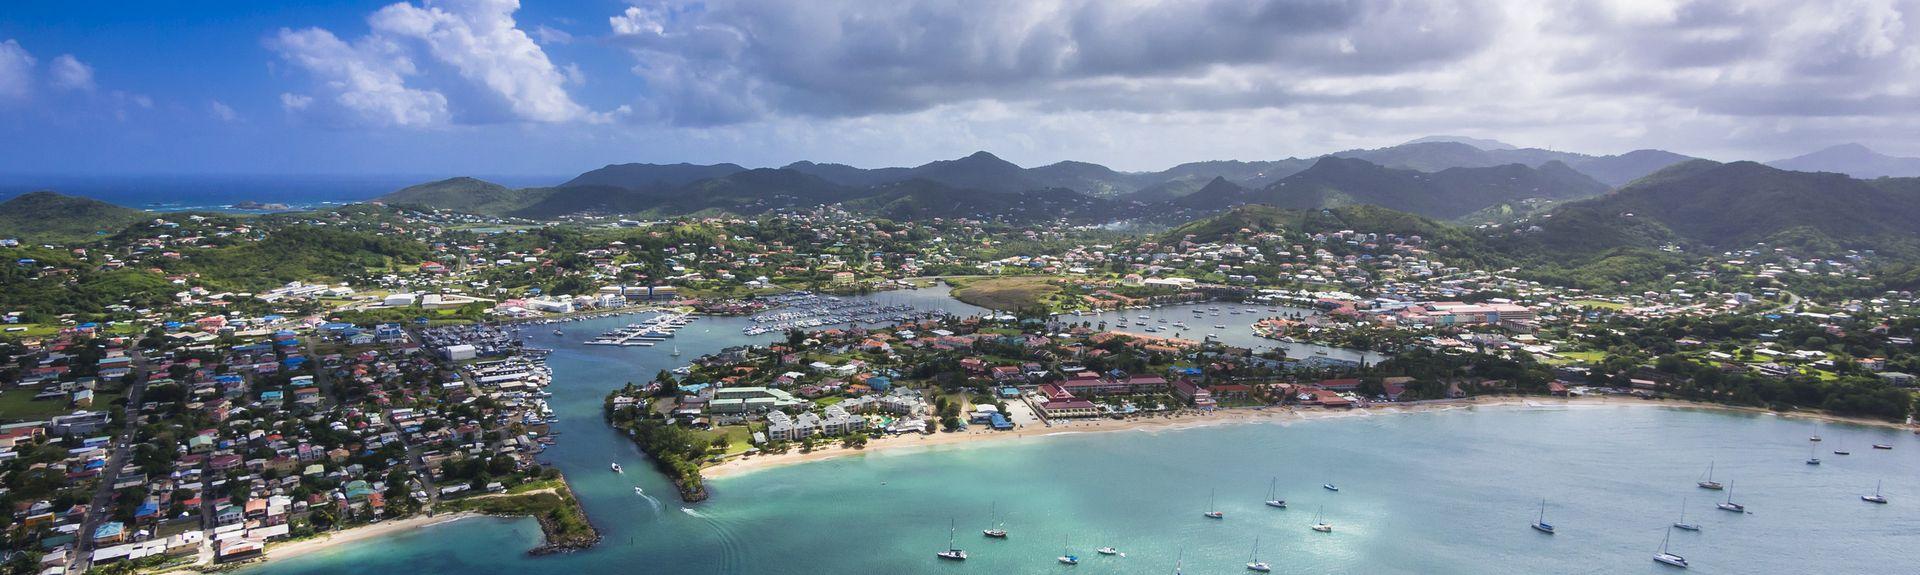 Cap Estate, Saint Lucia